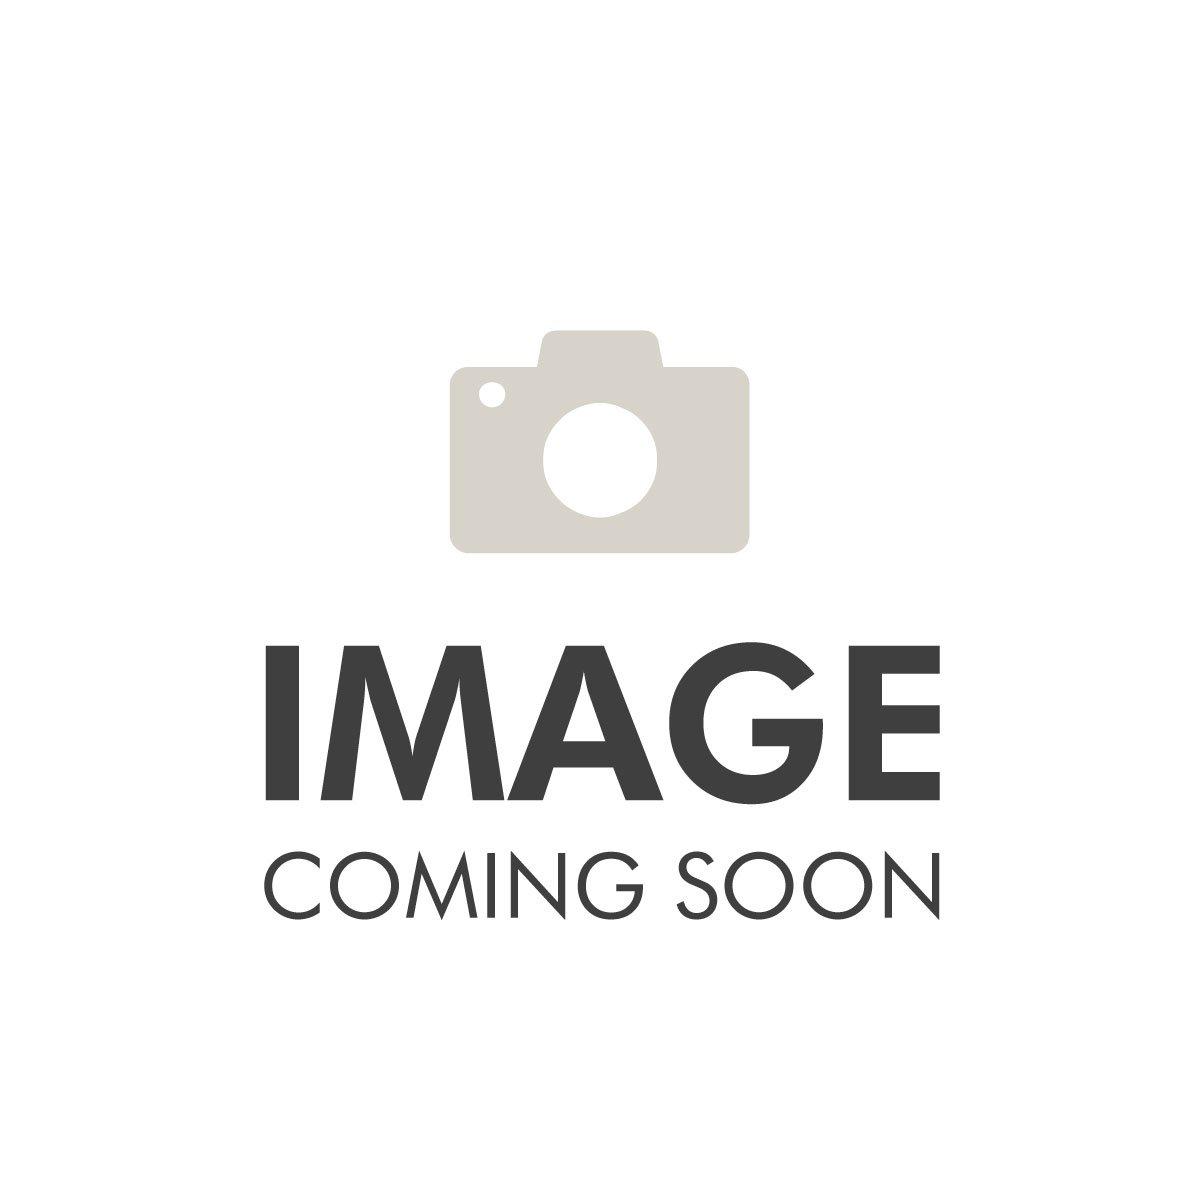 Negrini - Prise banane 4mm